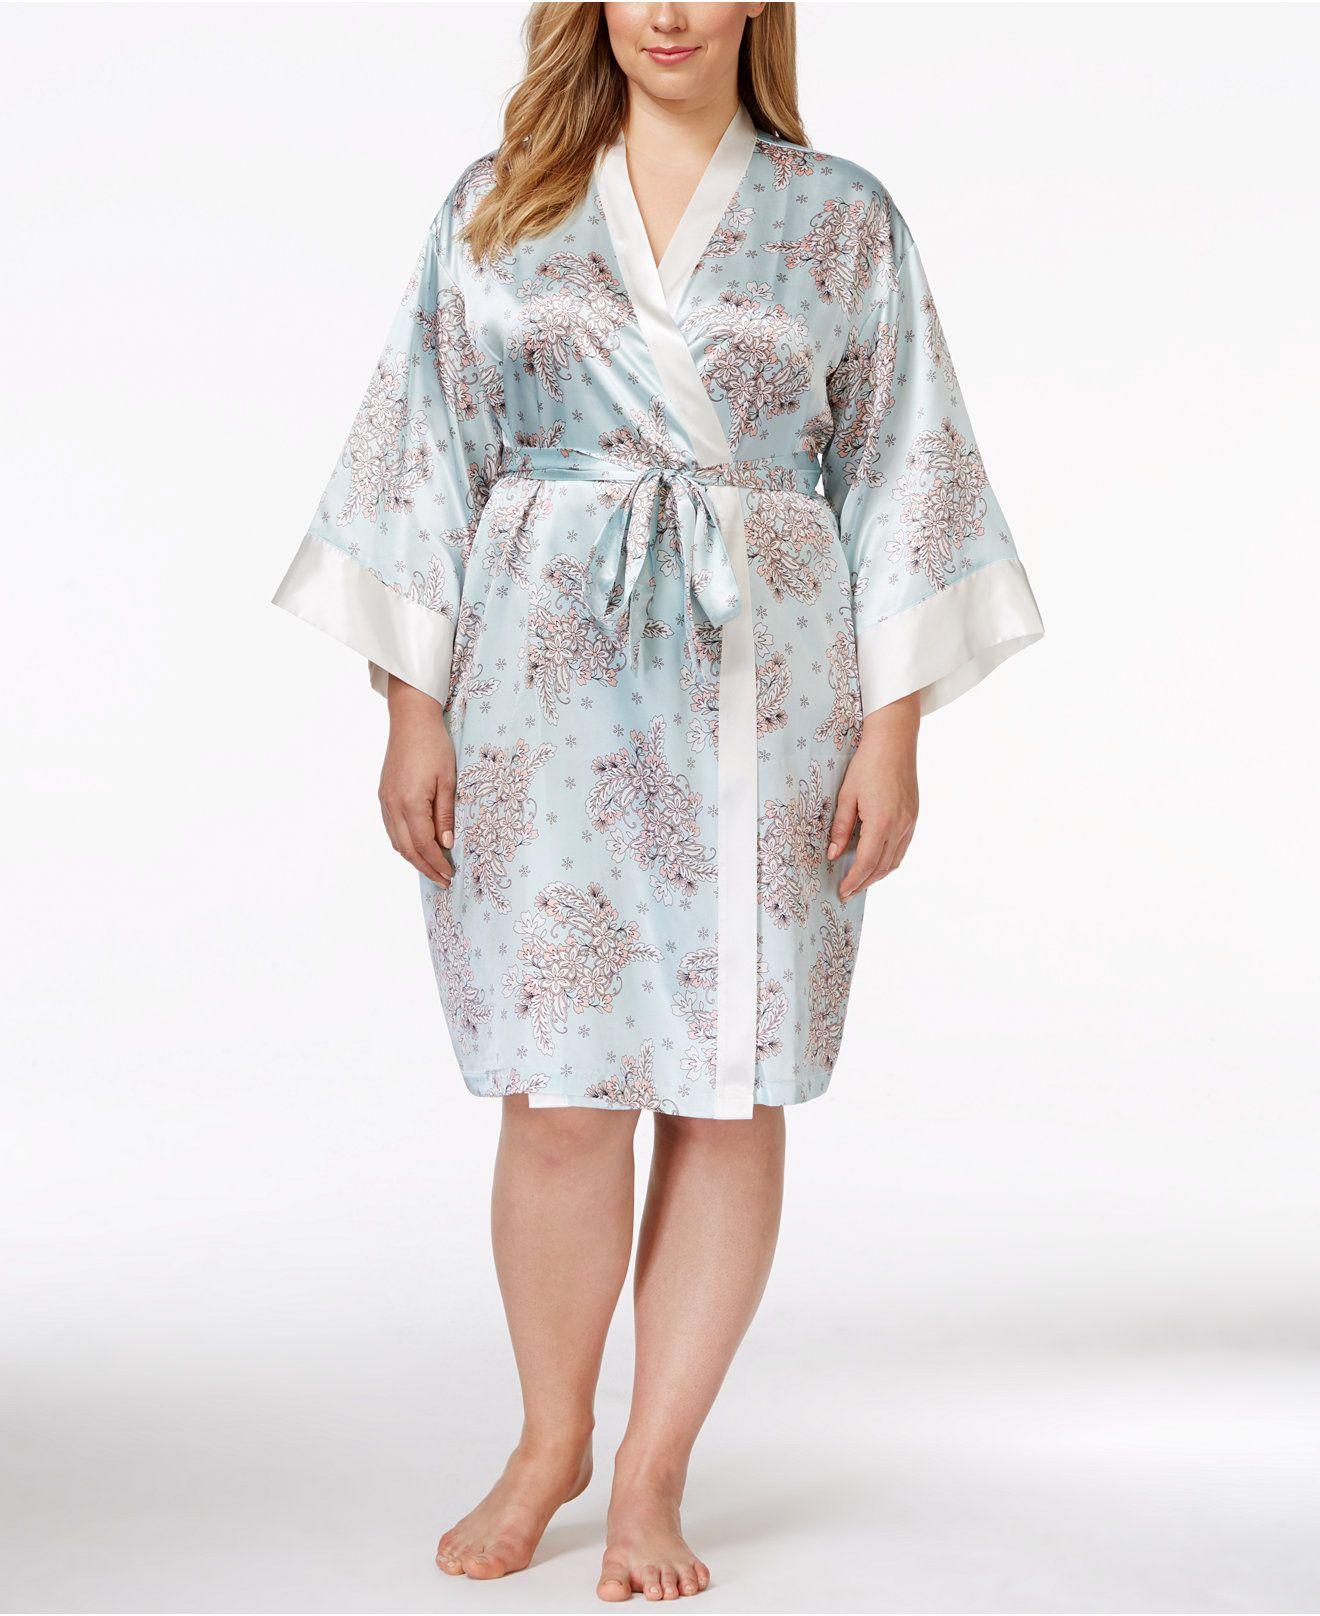 a341b26c5d Morgan Taylor Plus Size Floral-Print Satin Robe